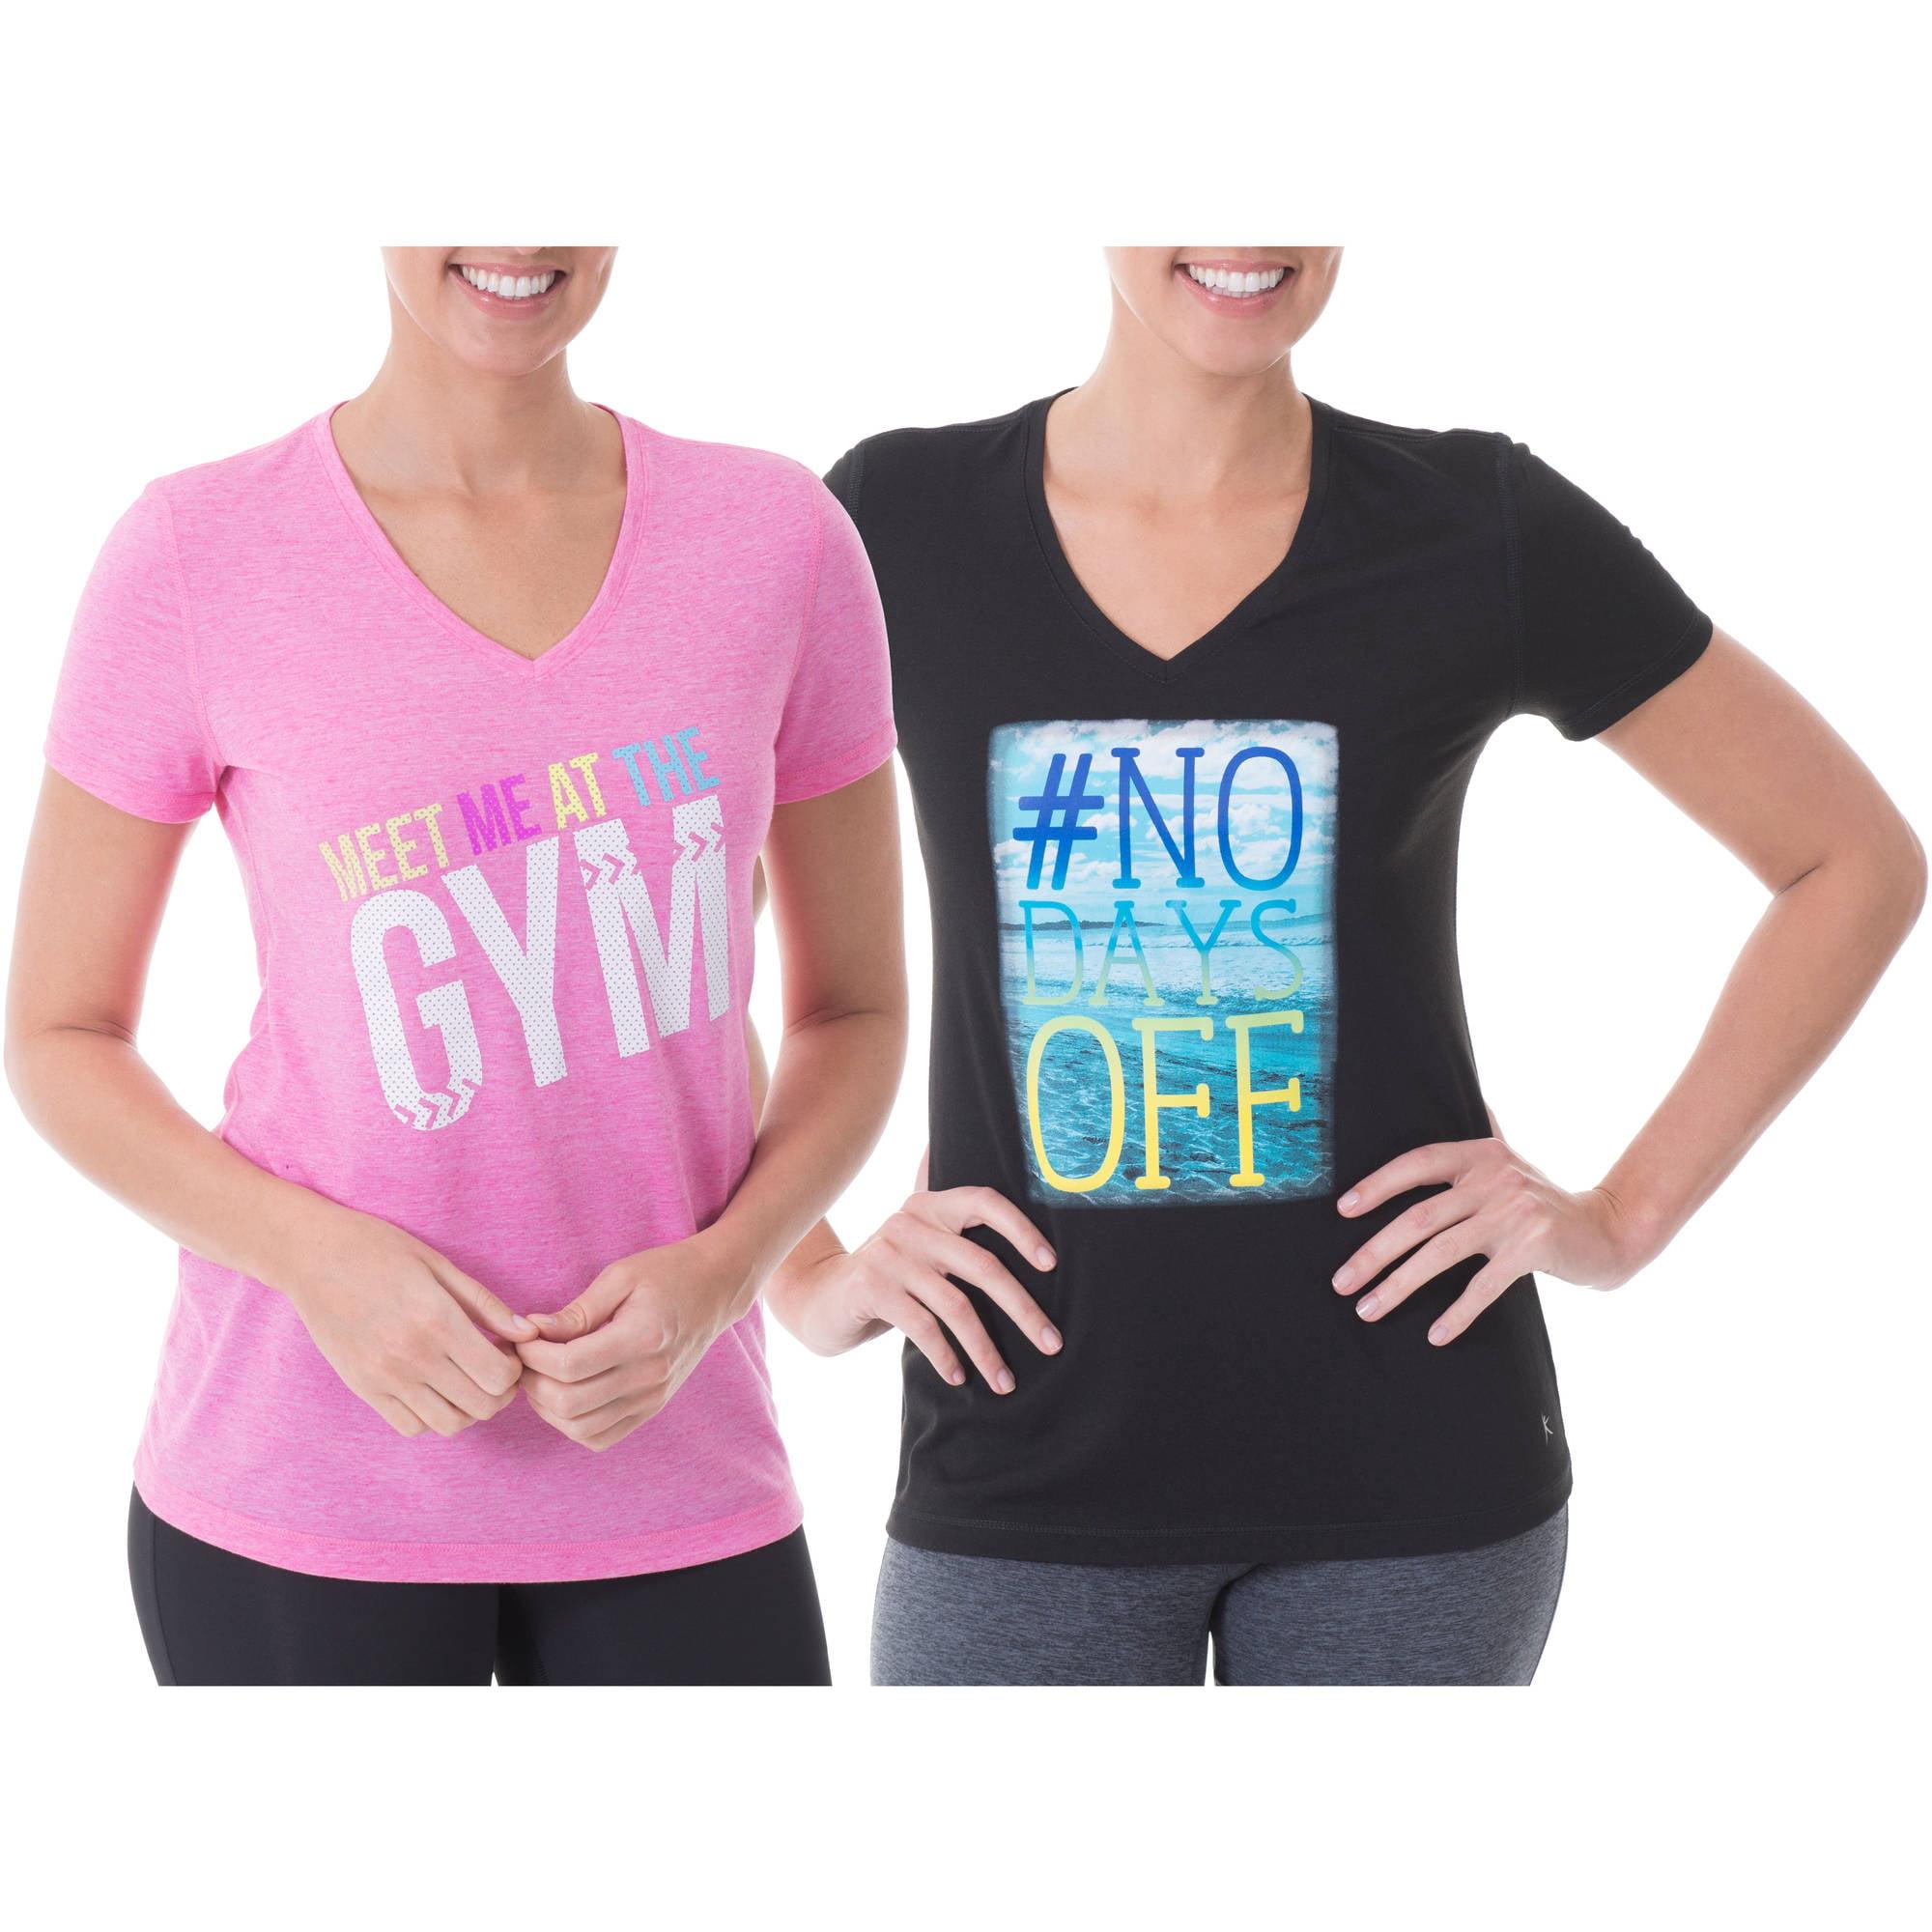 Danskin Now Women's Active Short Sleeve V Neck Printed T-Shirt, 2 Pack Value Bundle